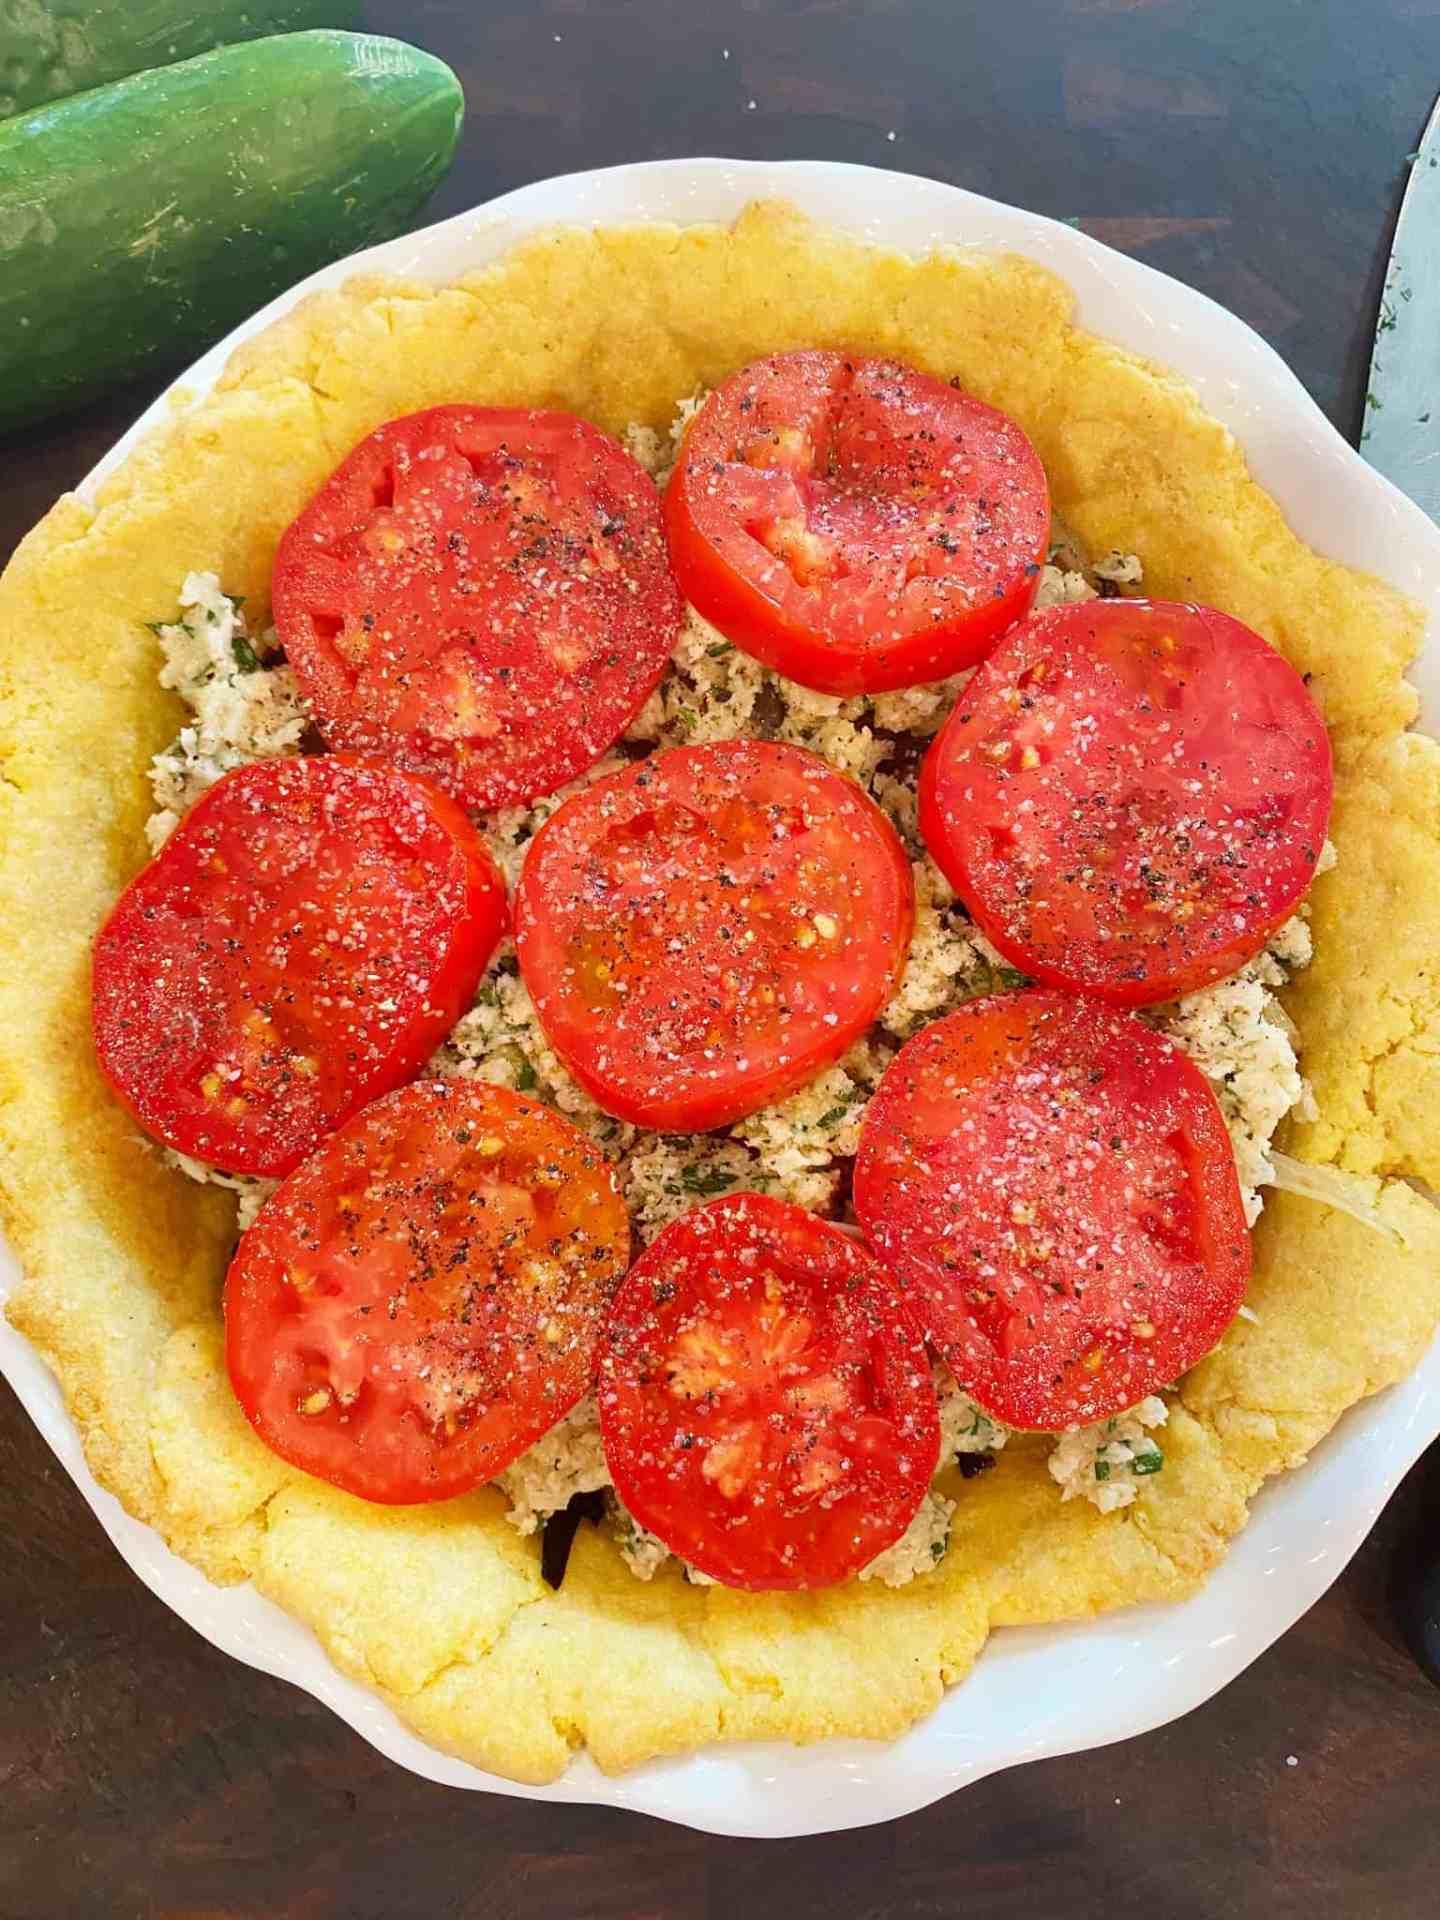 Tomato-Pie-bake